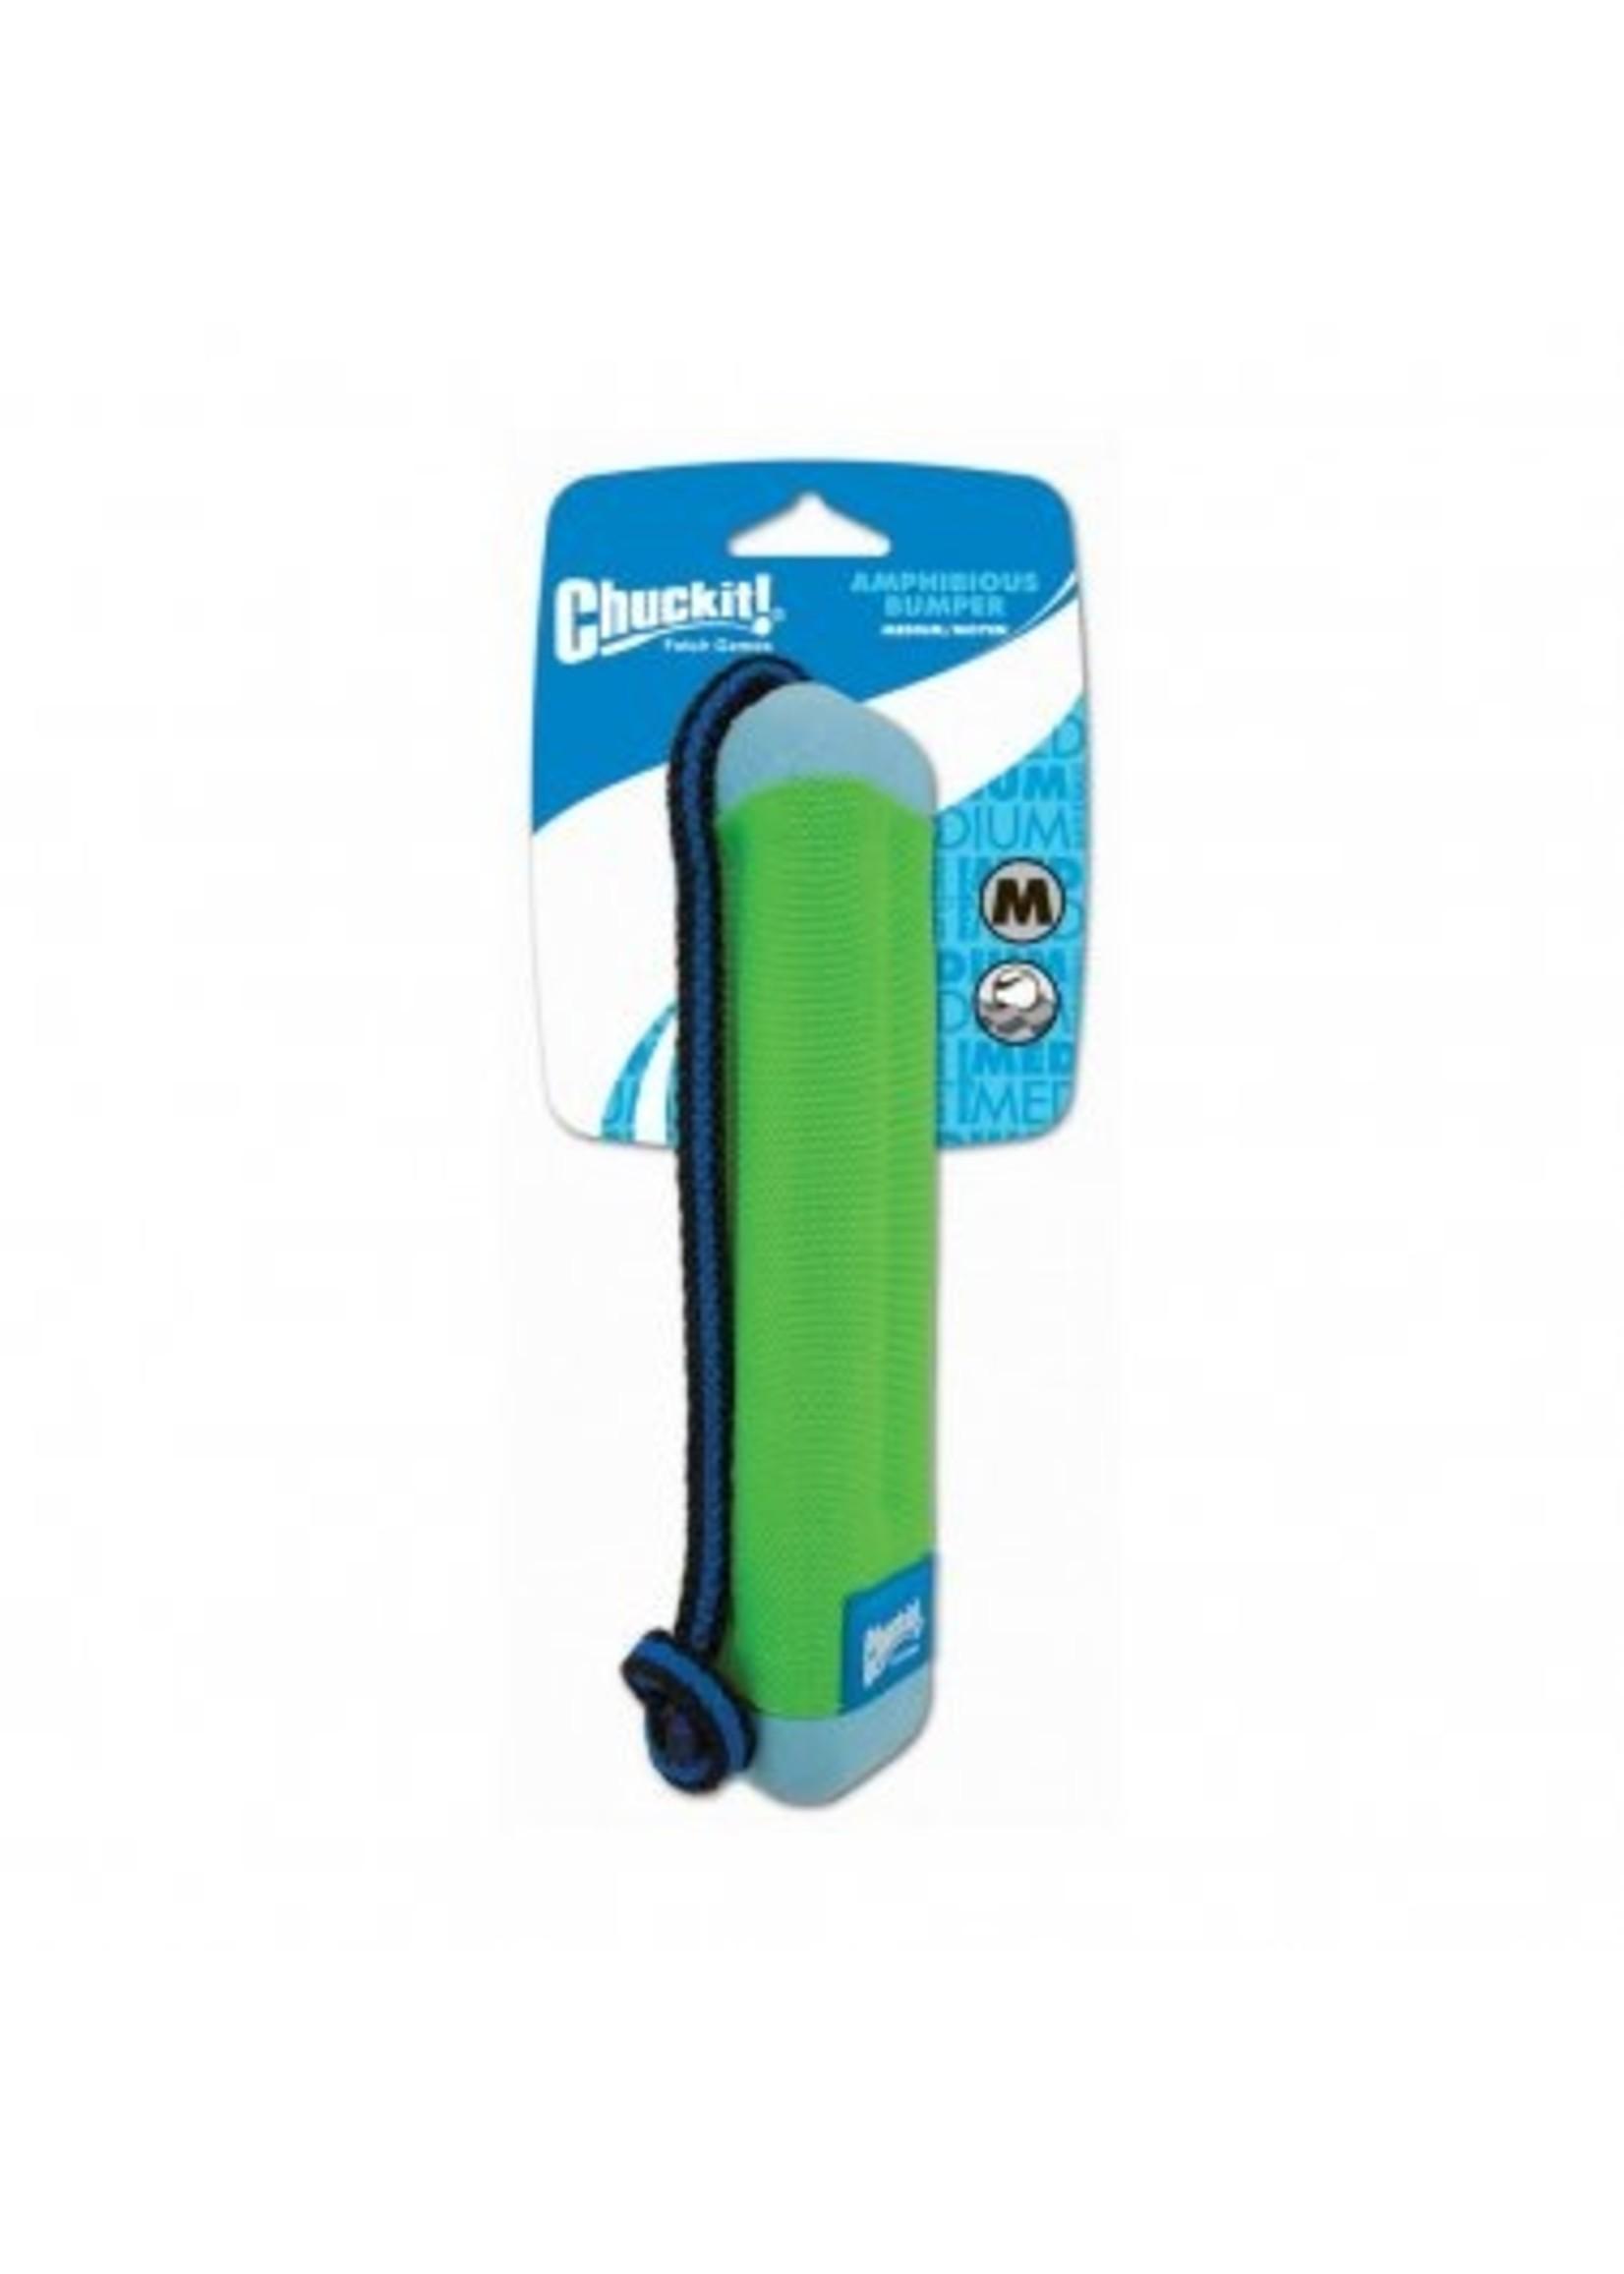 Chuckit!® Chuckit! Amphibious Bumper Dog Toy